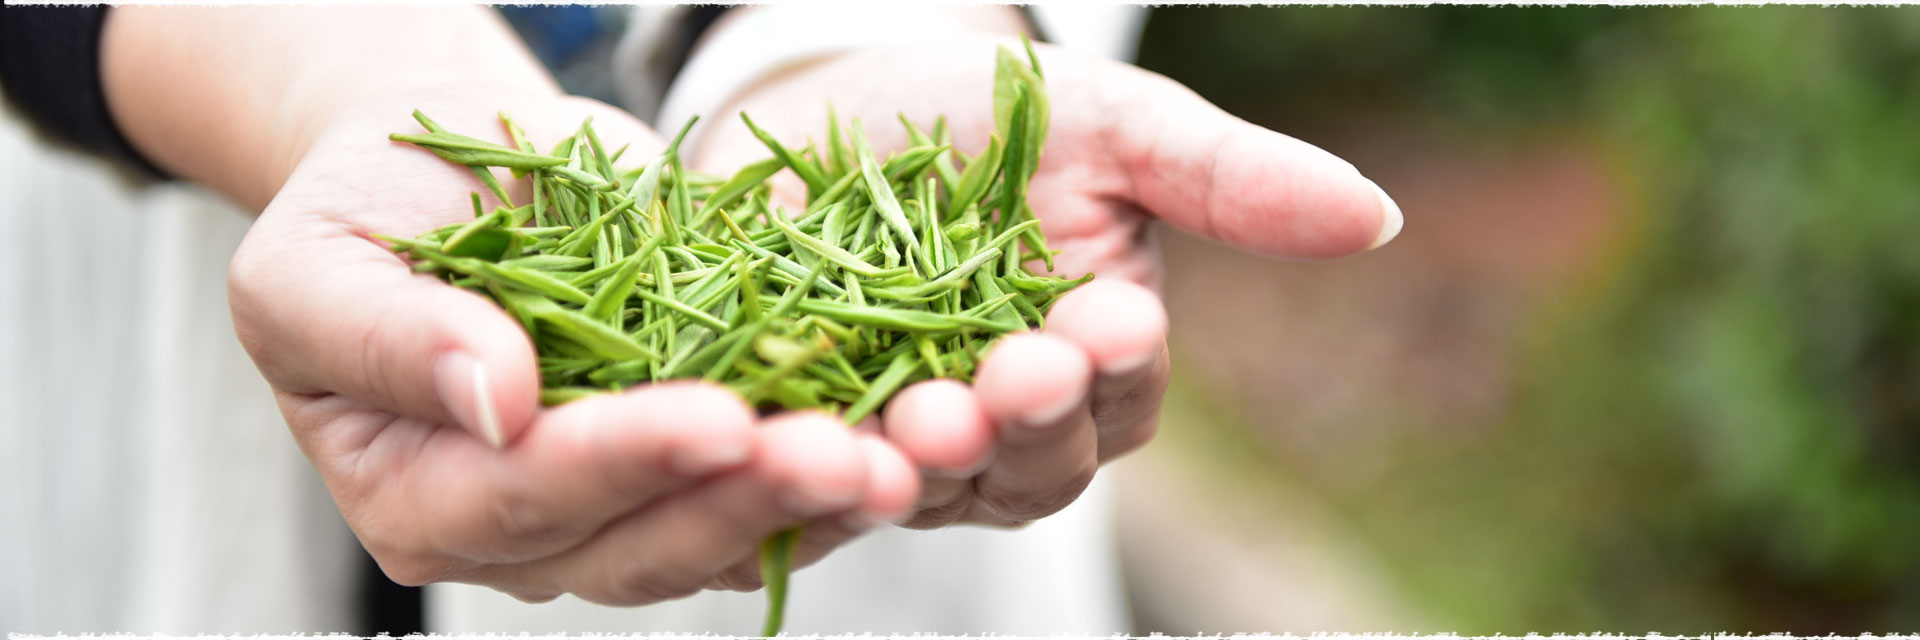 Les thés verts de printemps 2017.